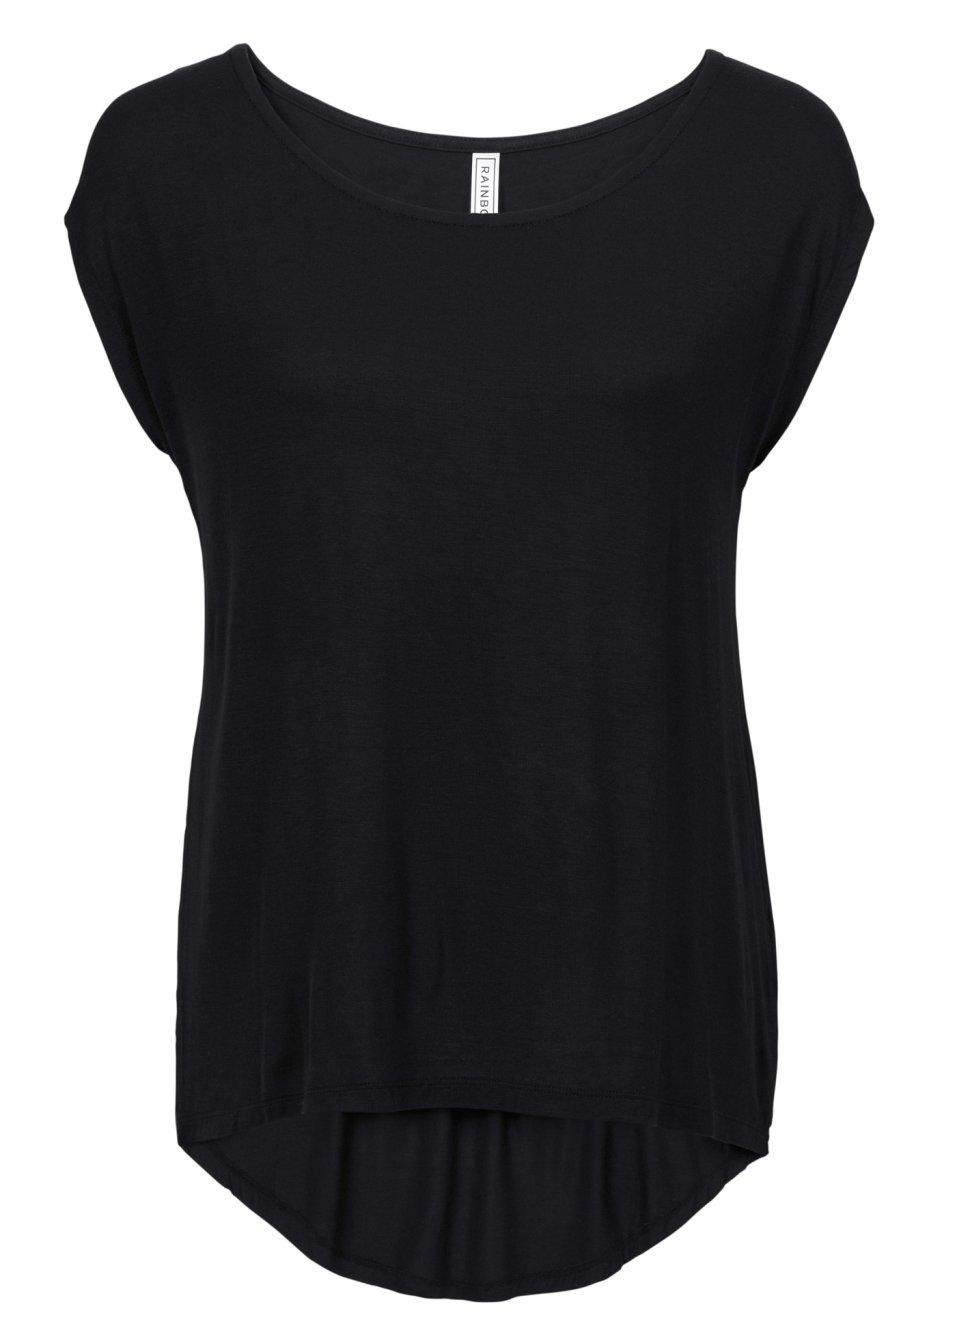 Trendstarkes Shirt mit Druck - schwarz sXWPT nMND3